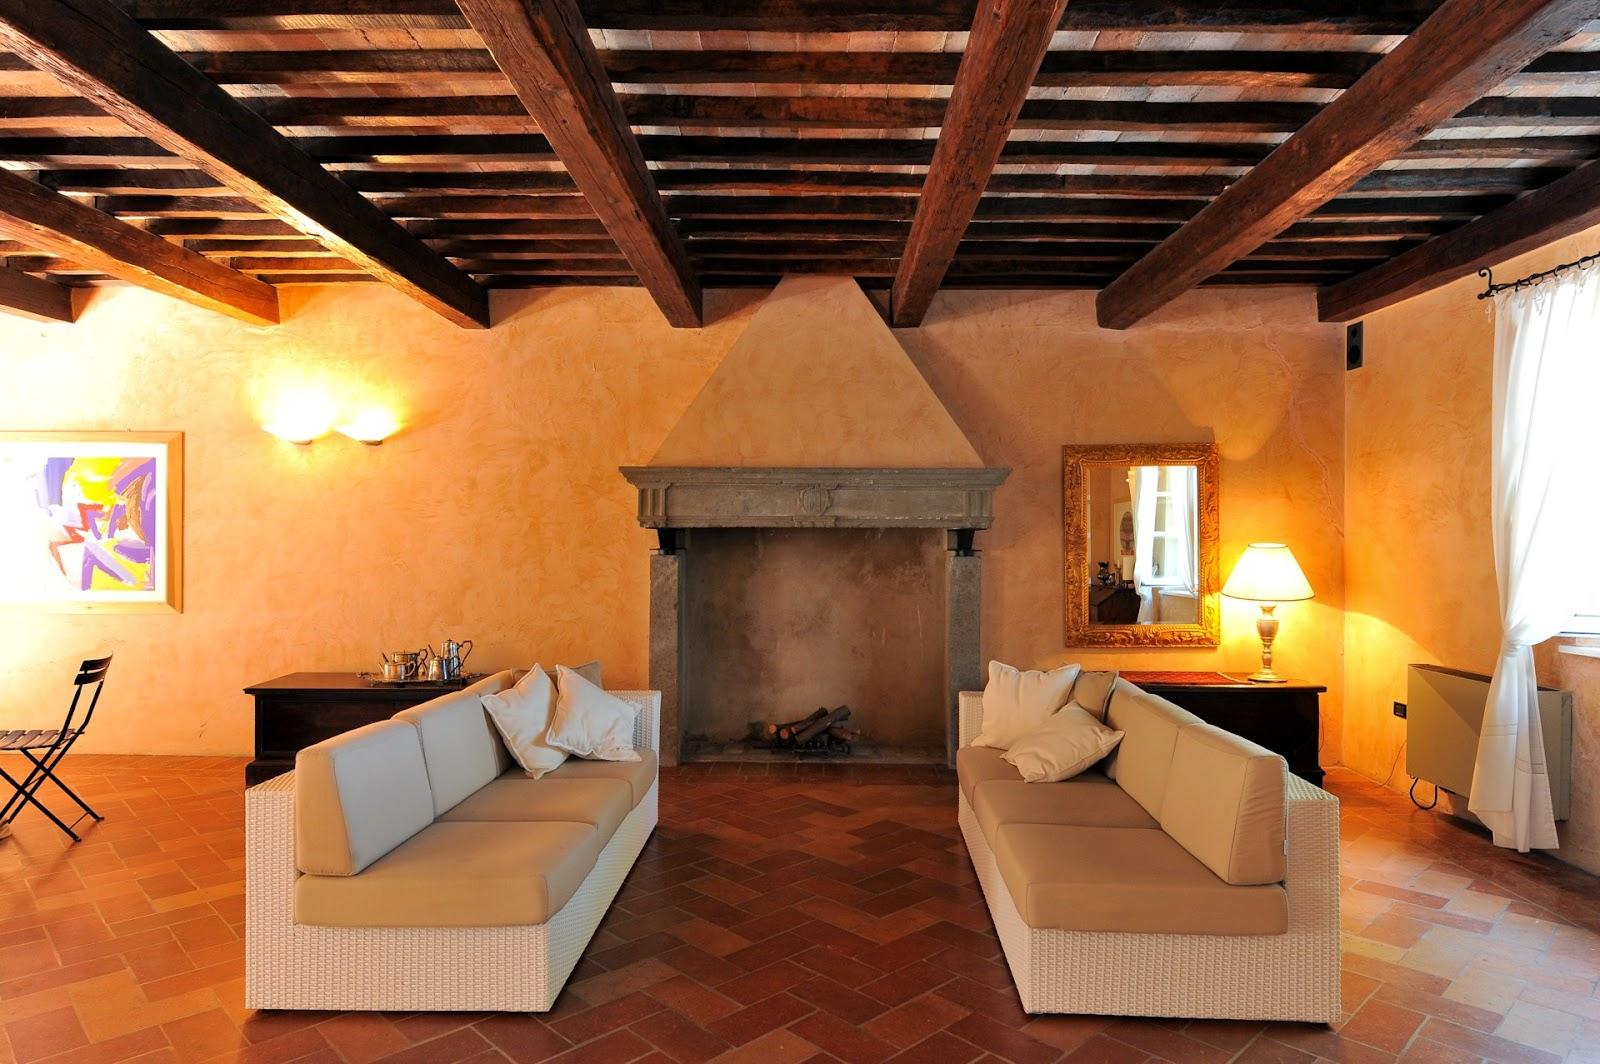 Ferienhaus Villa Montemaggiore (934885), Colli del Tronto, Ascoli Piceno, Marken, Italien, Bild 21